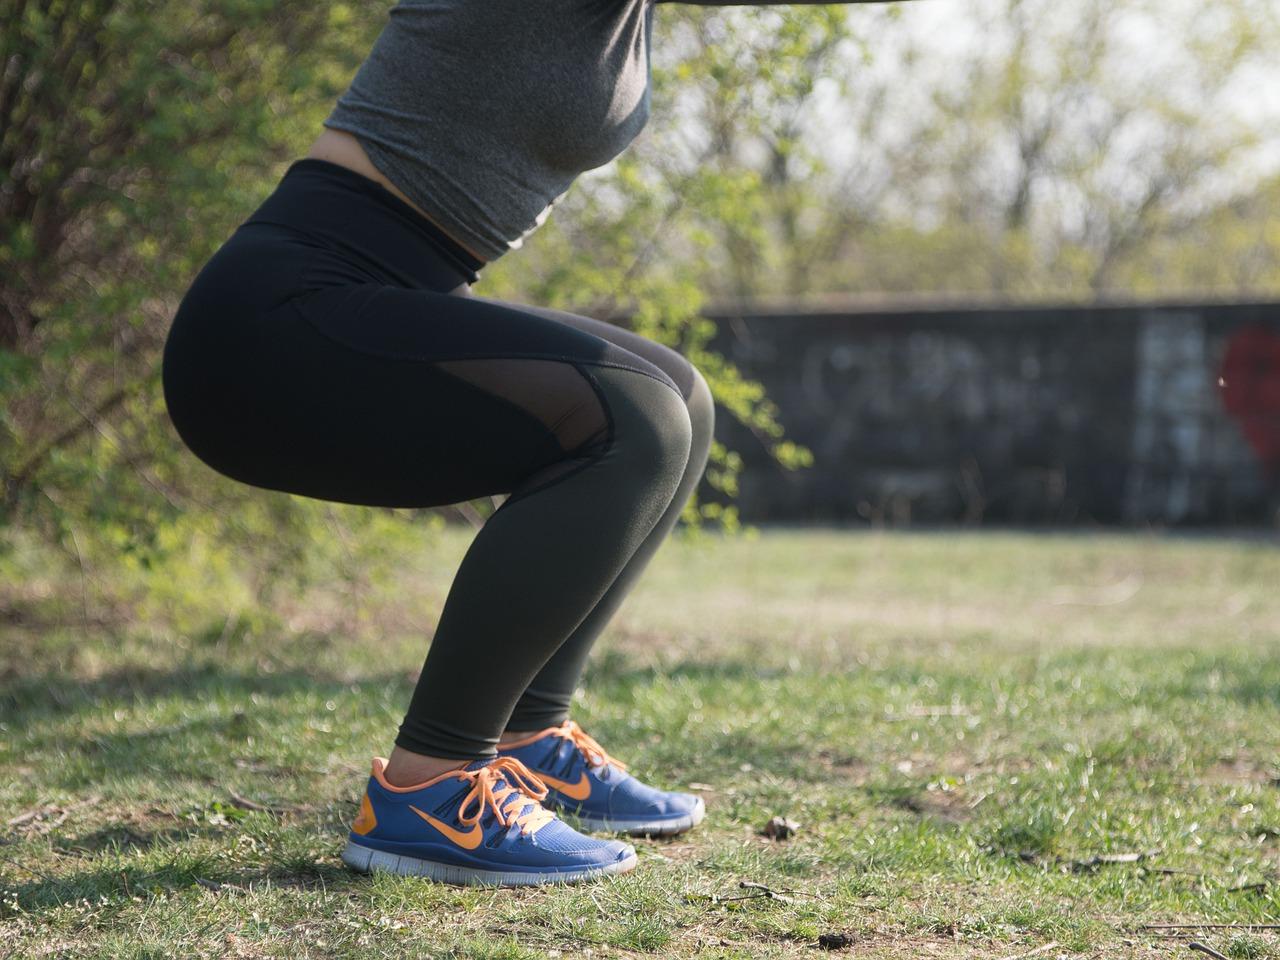 Dřepy a jak je správně cvičit